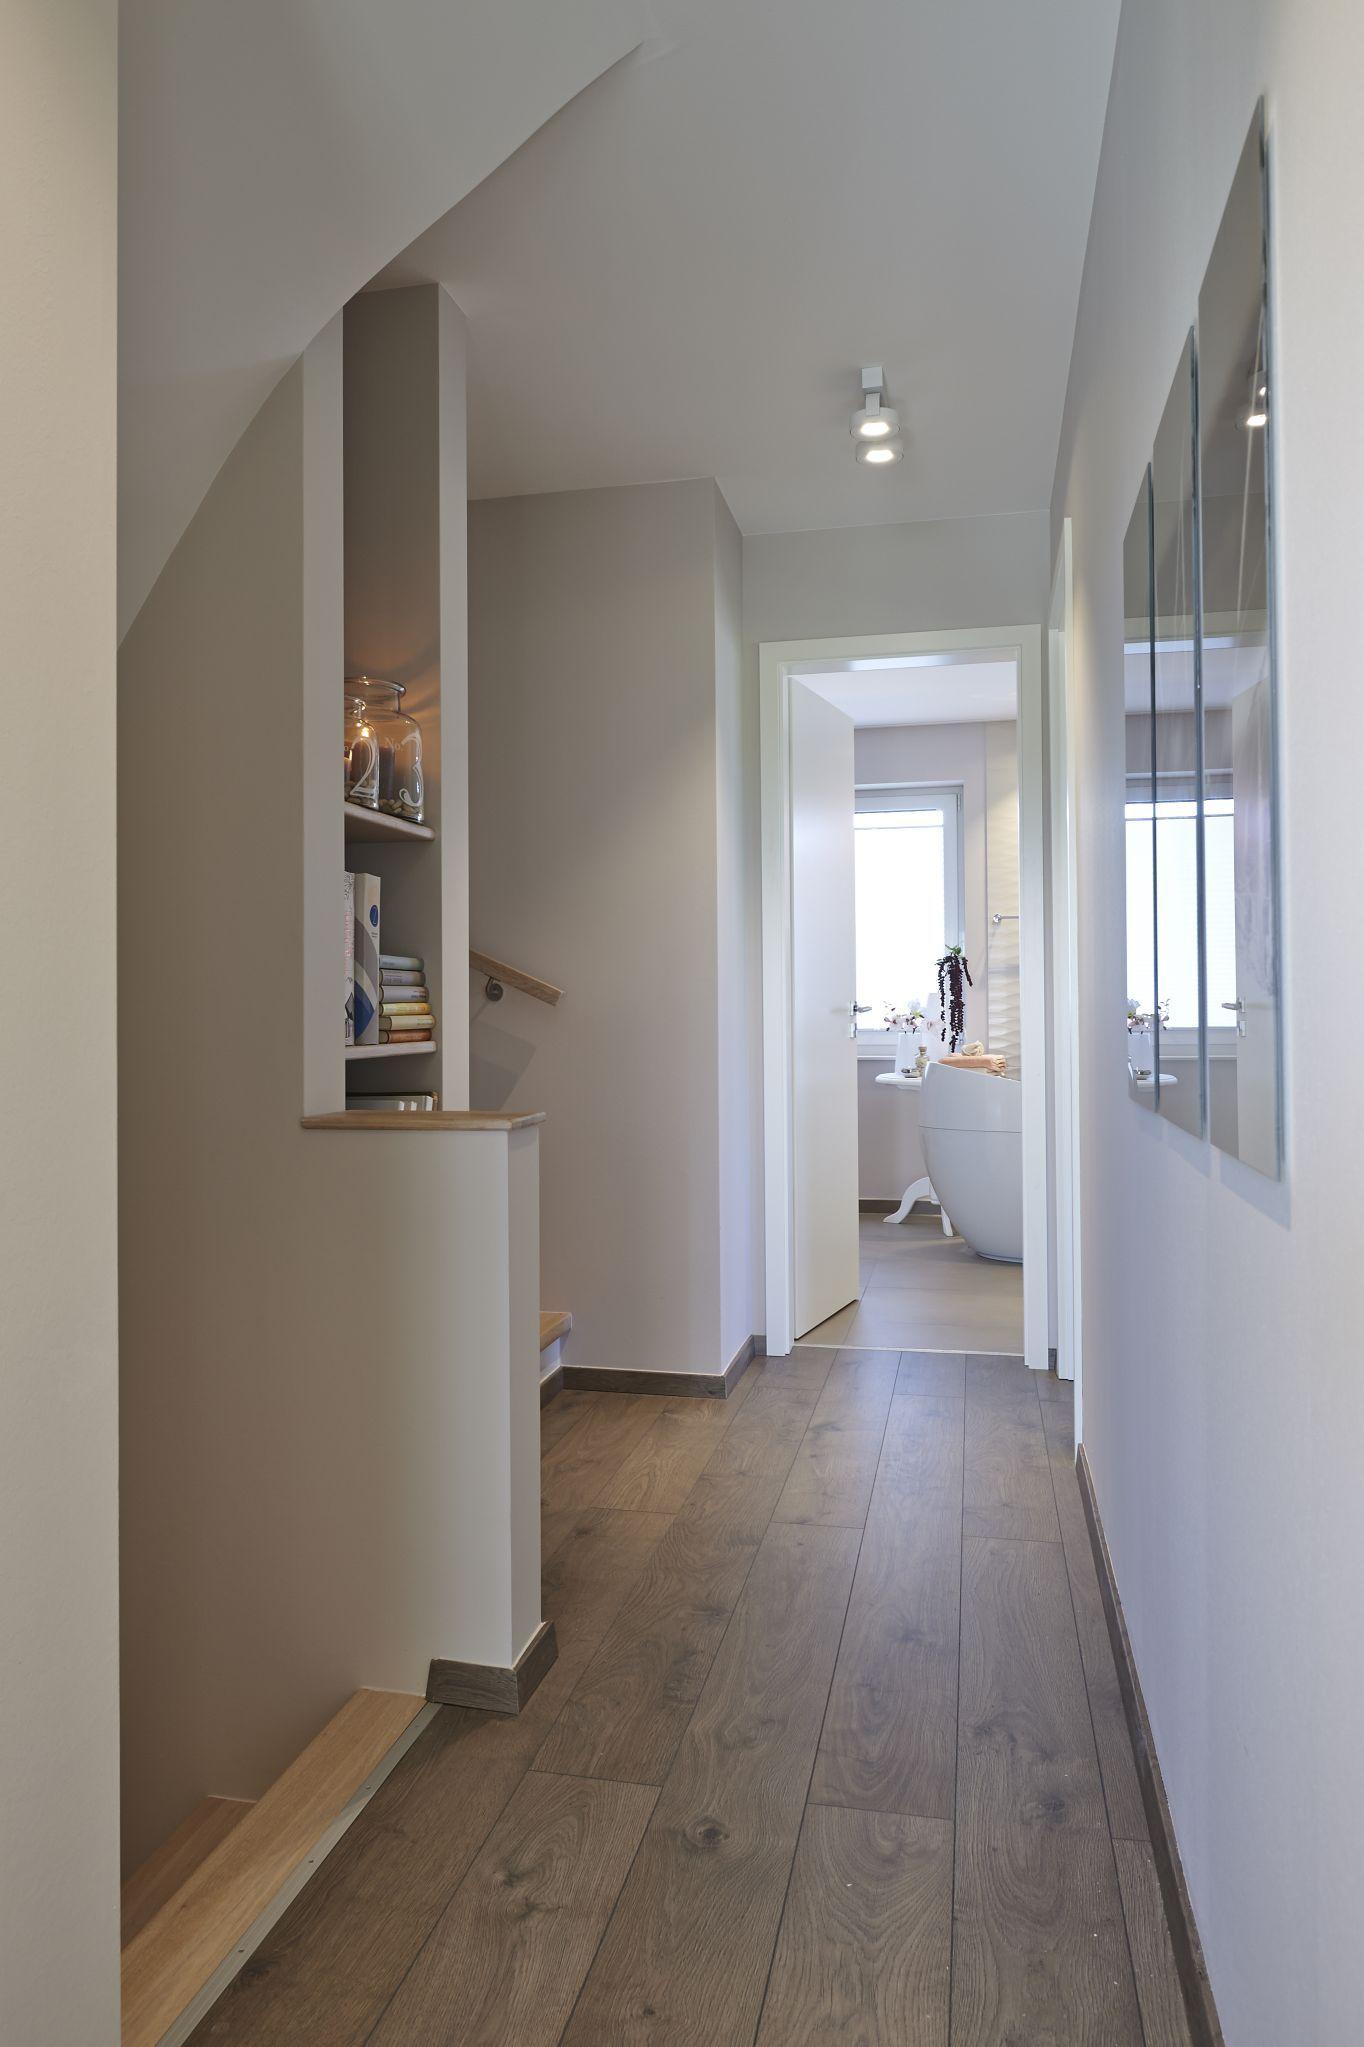 Maxime 1000 D WOHNIDEE-Haus - »Wohnen auf Lebenszeit« - Viebrockhaus ...